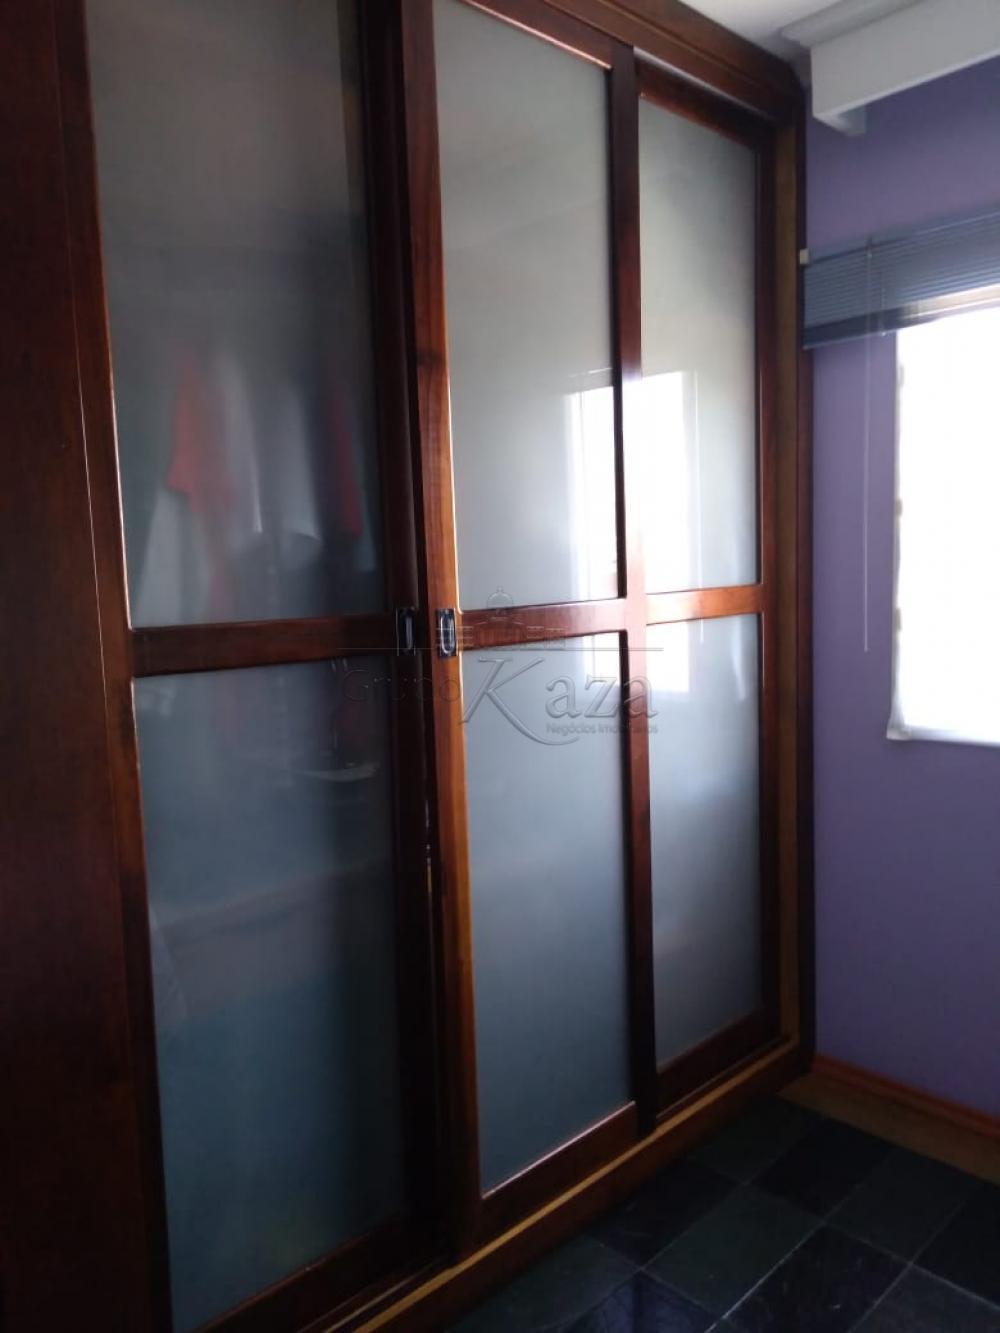 Comprar Apartamento / Padrão em São José dos Campos apenas R$ 310.000,00 - Foto 5